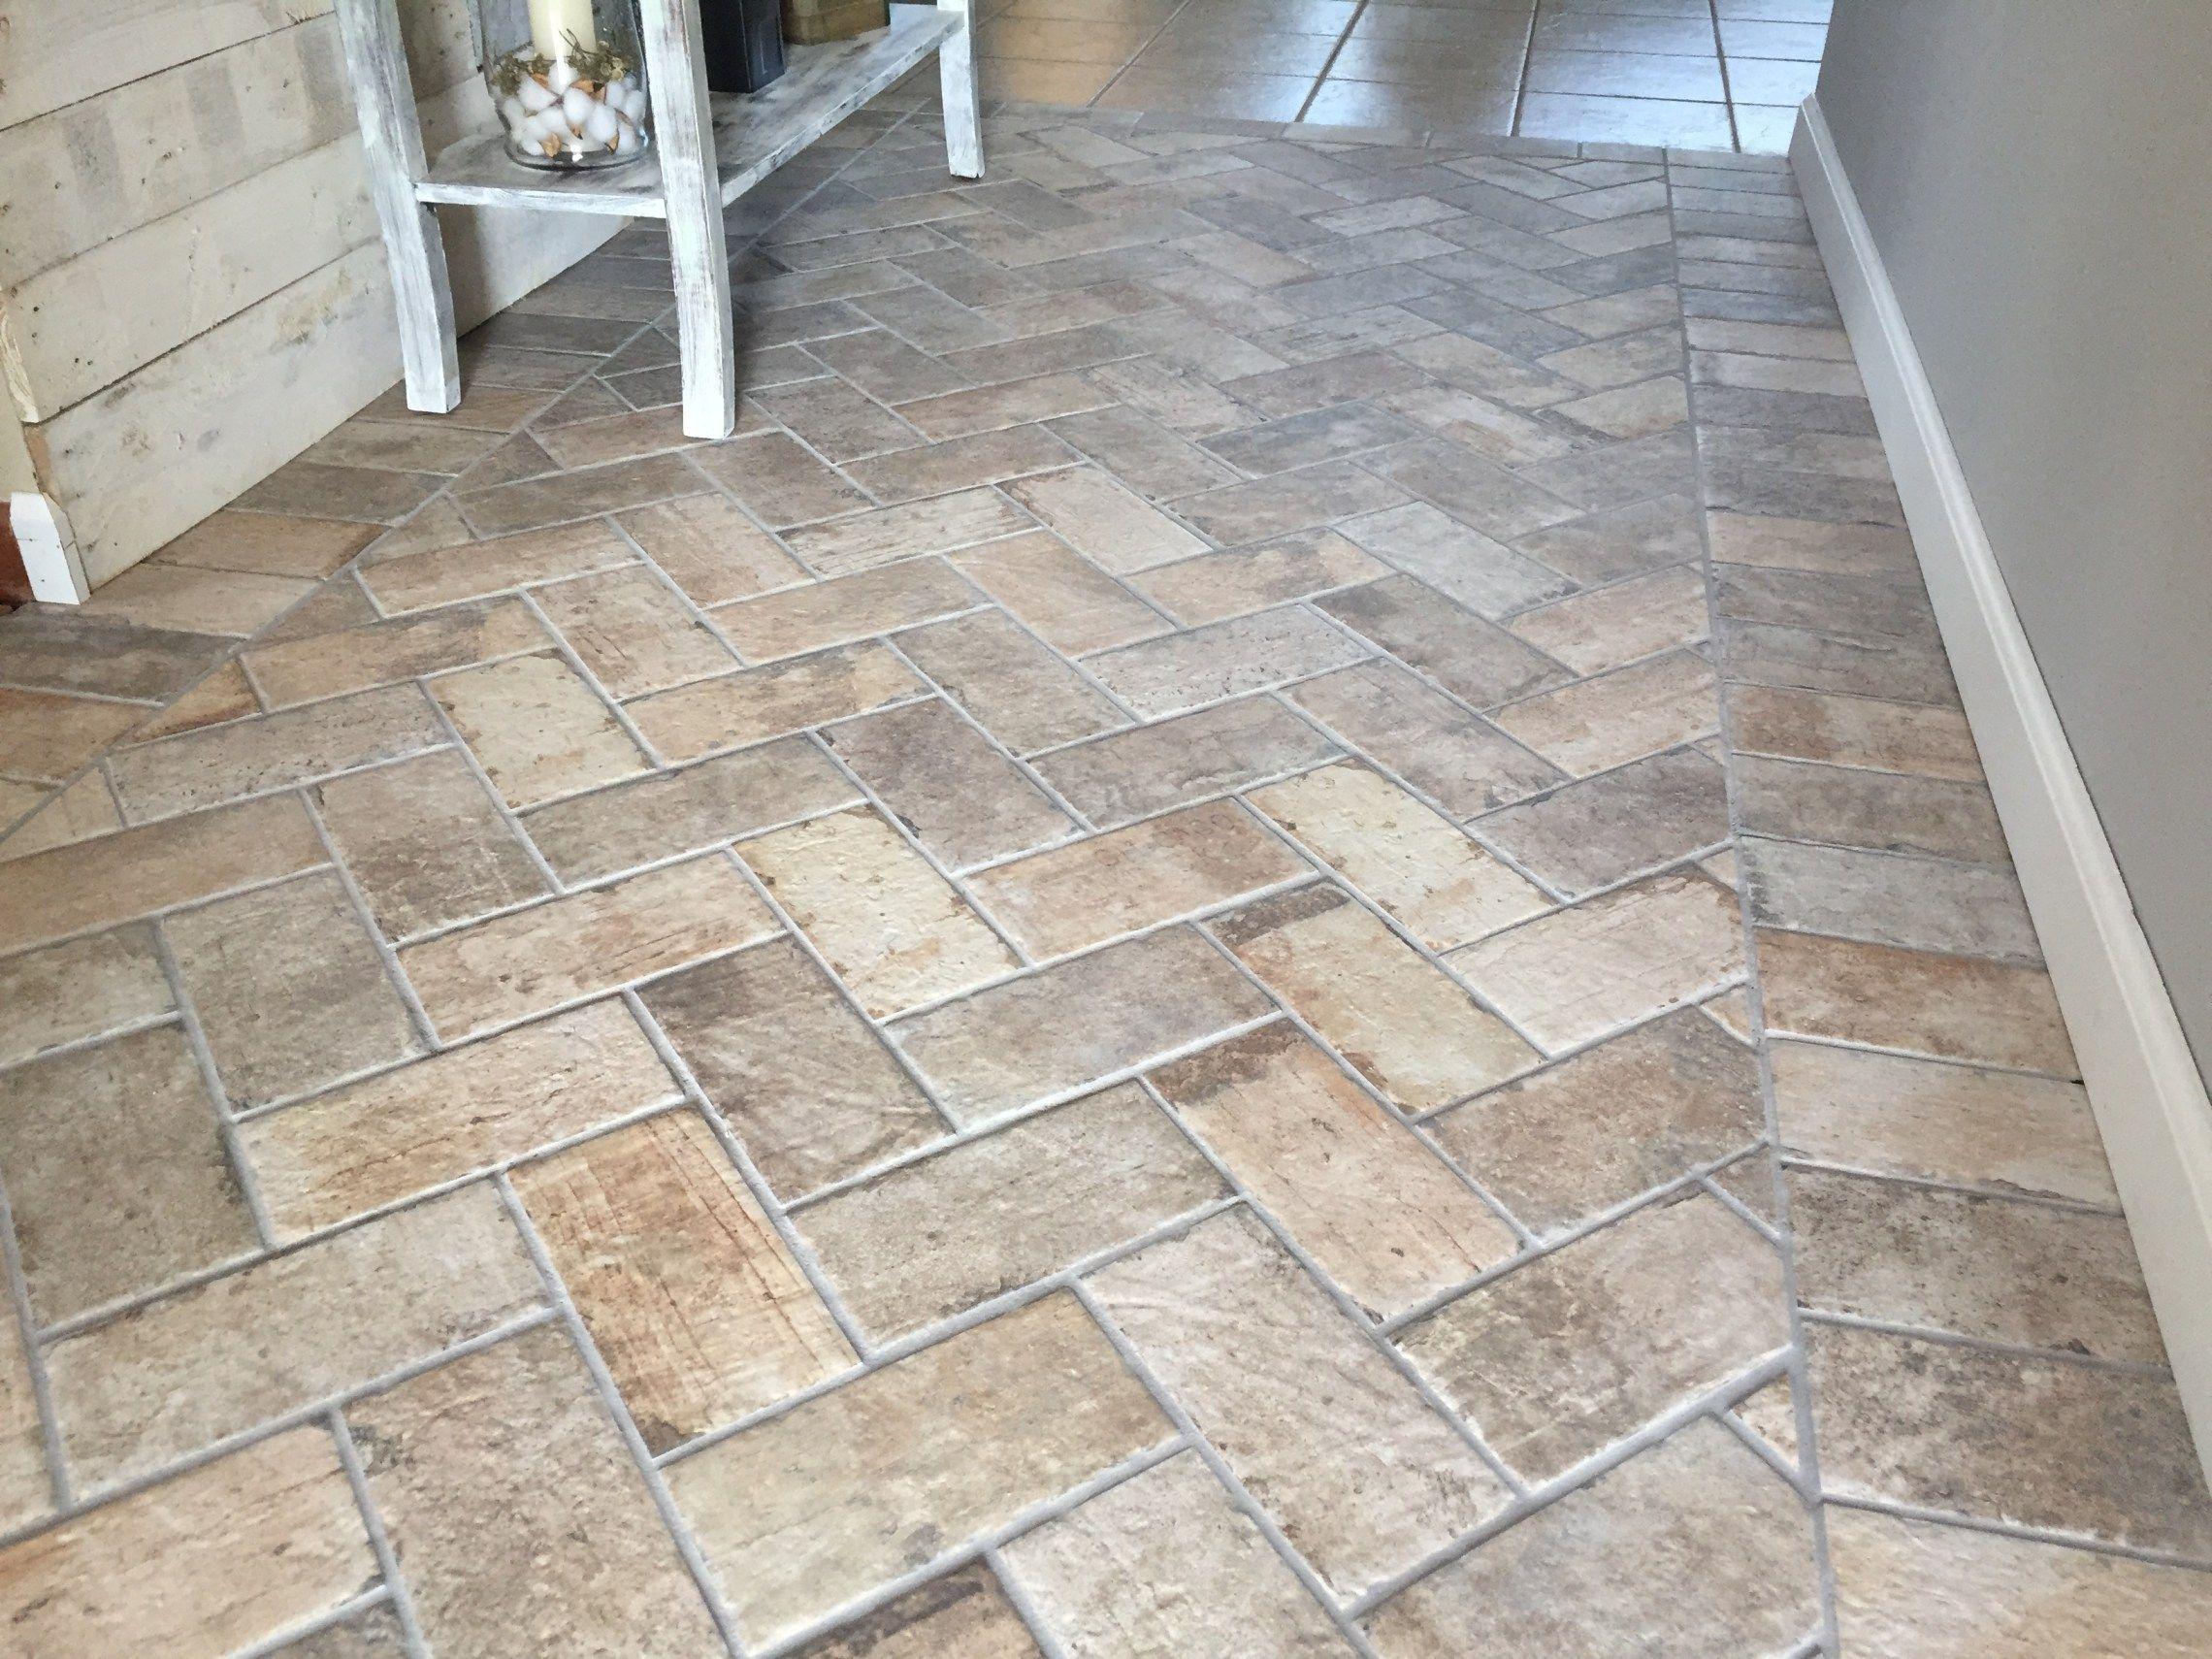 Chicago South Side Porcelain Brick Tile Brick Tiles Brick Look Tile Brick Tile Floor